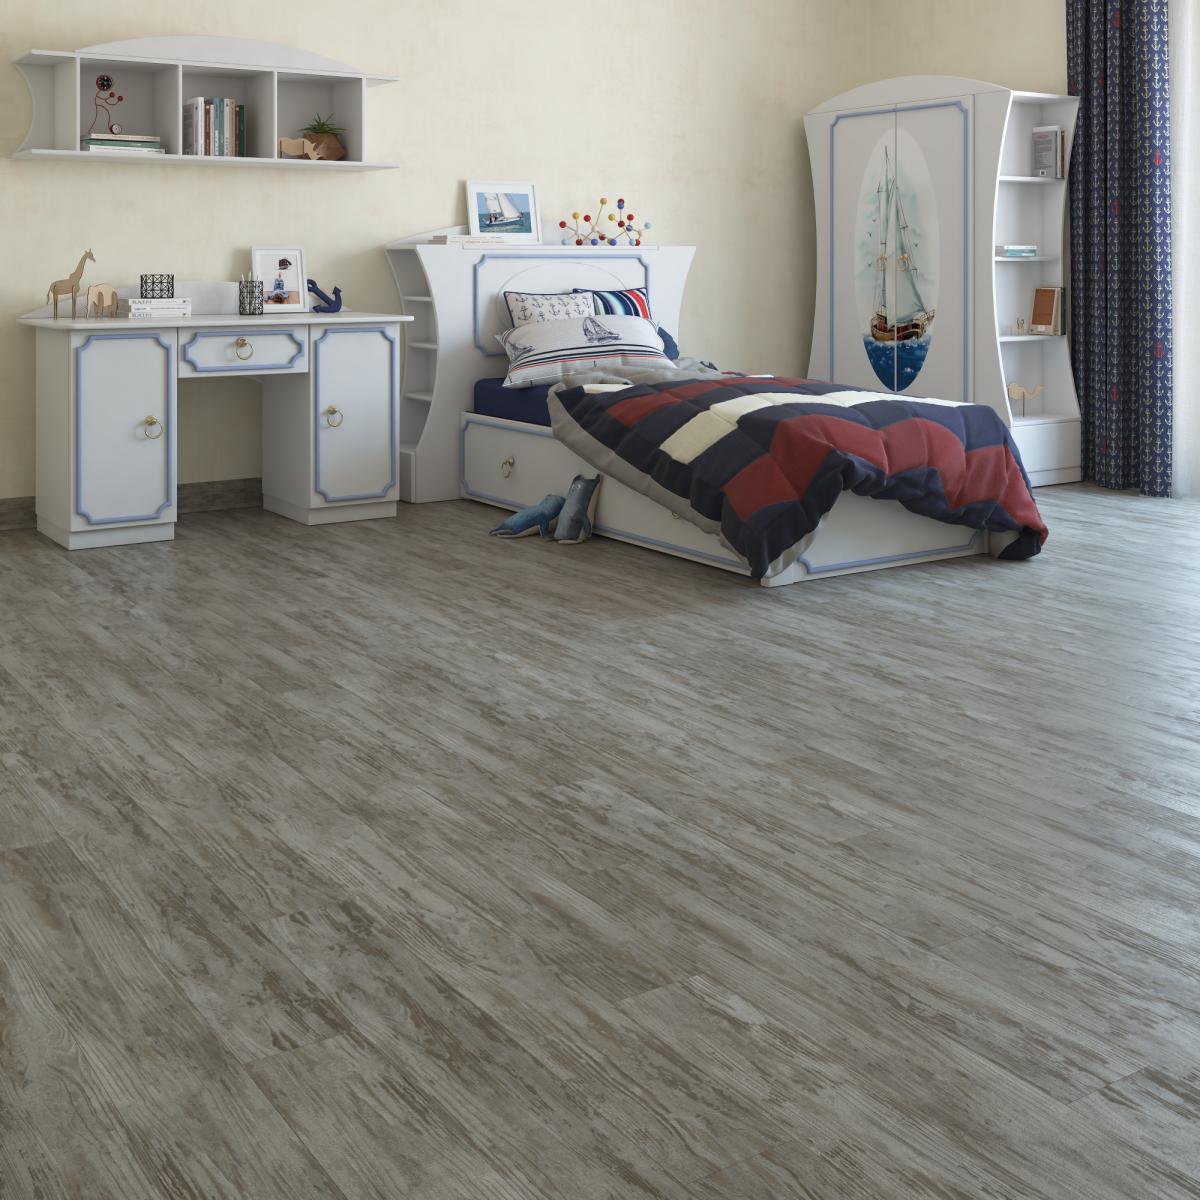 Ламинат Artens Сосна Бразильская 8 мм 32 класс 1.996 м2